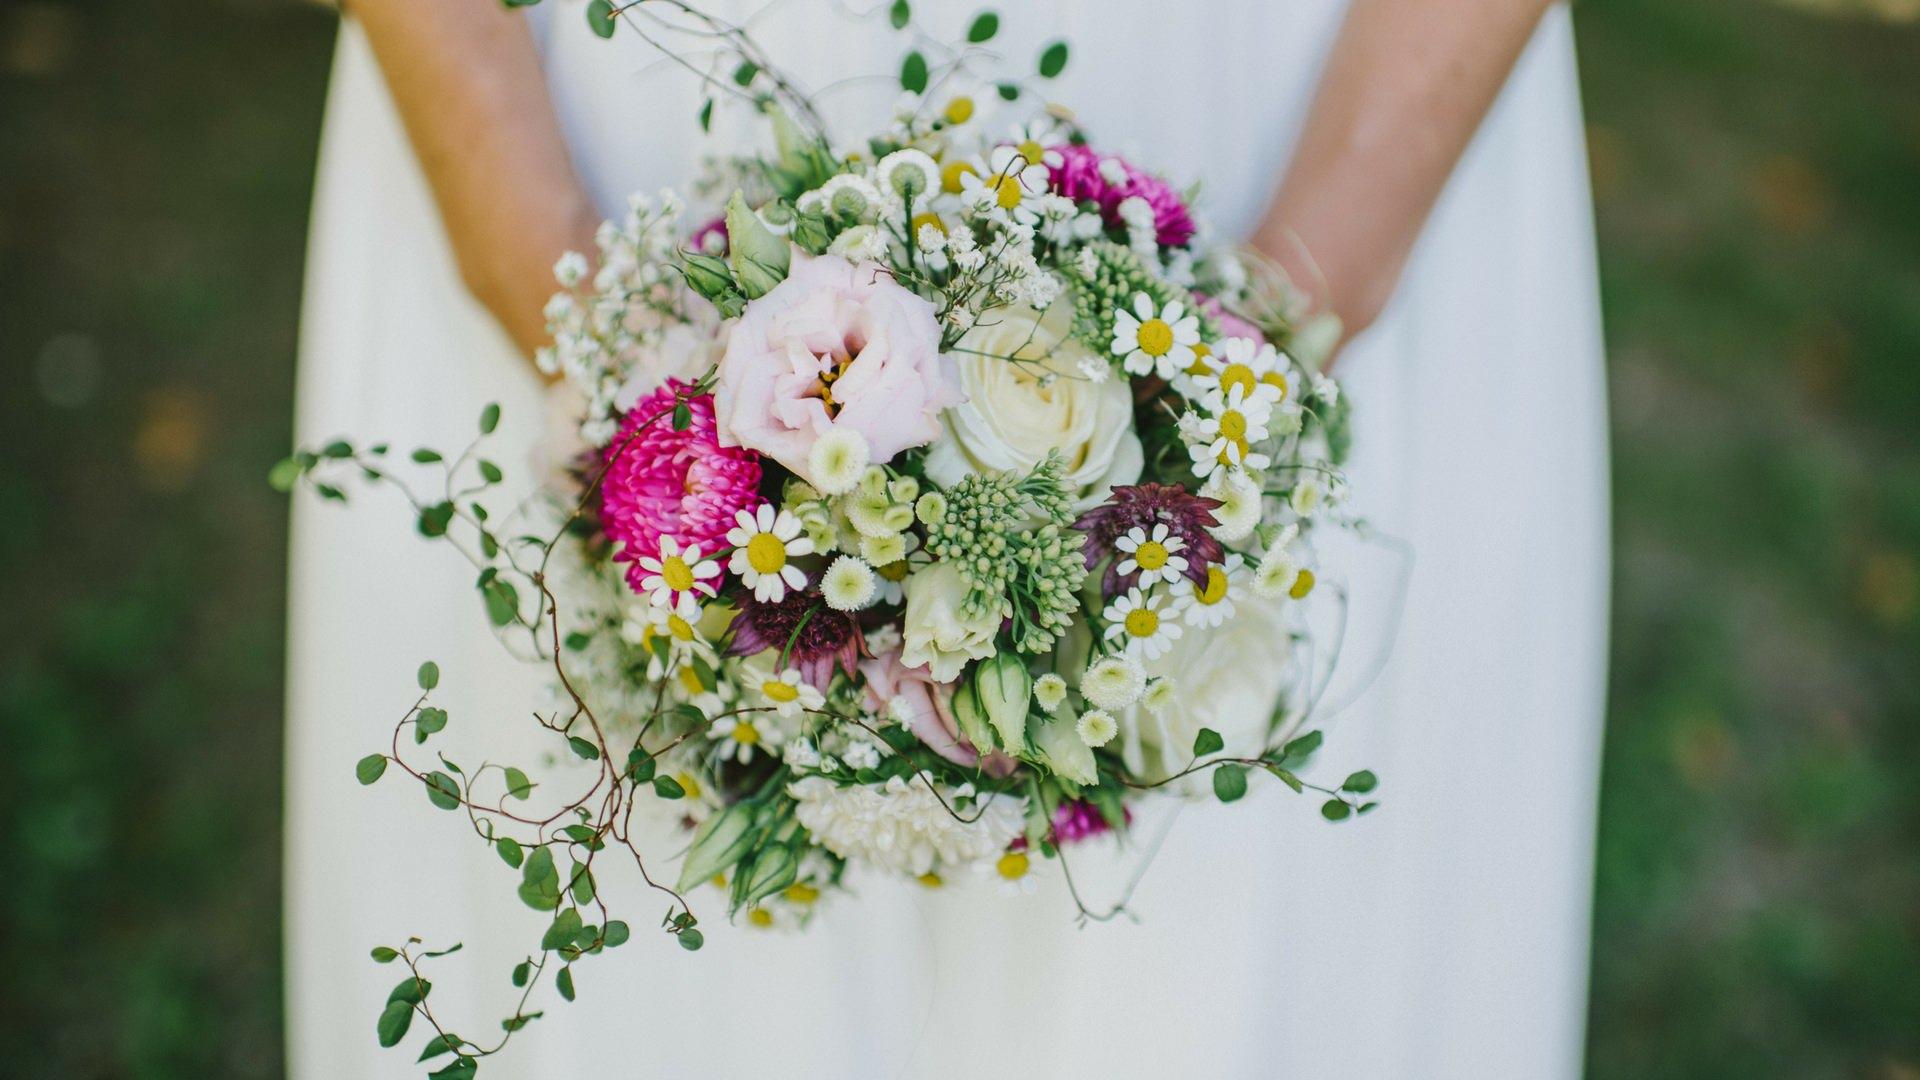 Hochzeitsplanung | Heiraten in Südtirol | Freie Trauungen in Südtirol  | Hochzeitsplanung | Gardasee | 3